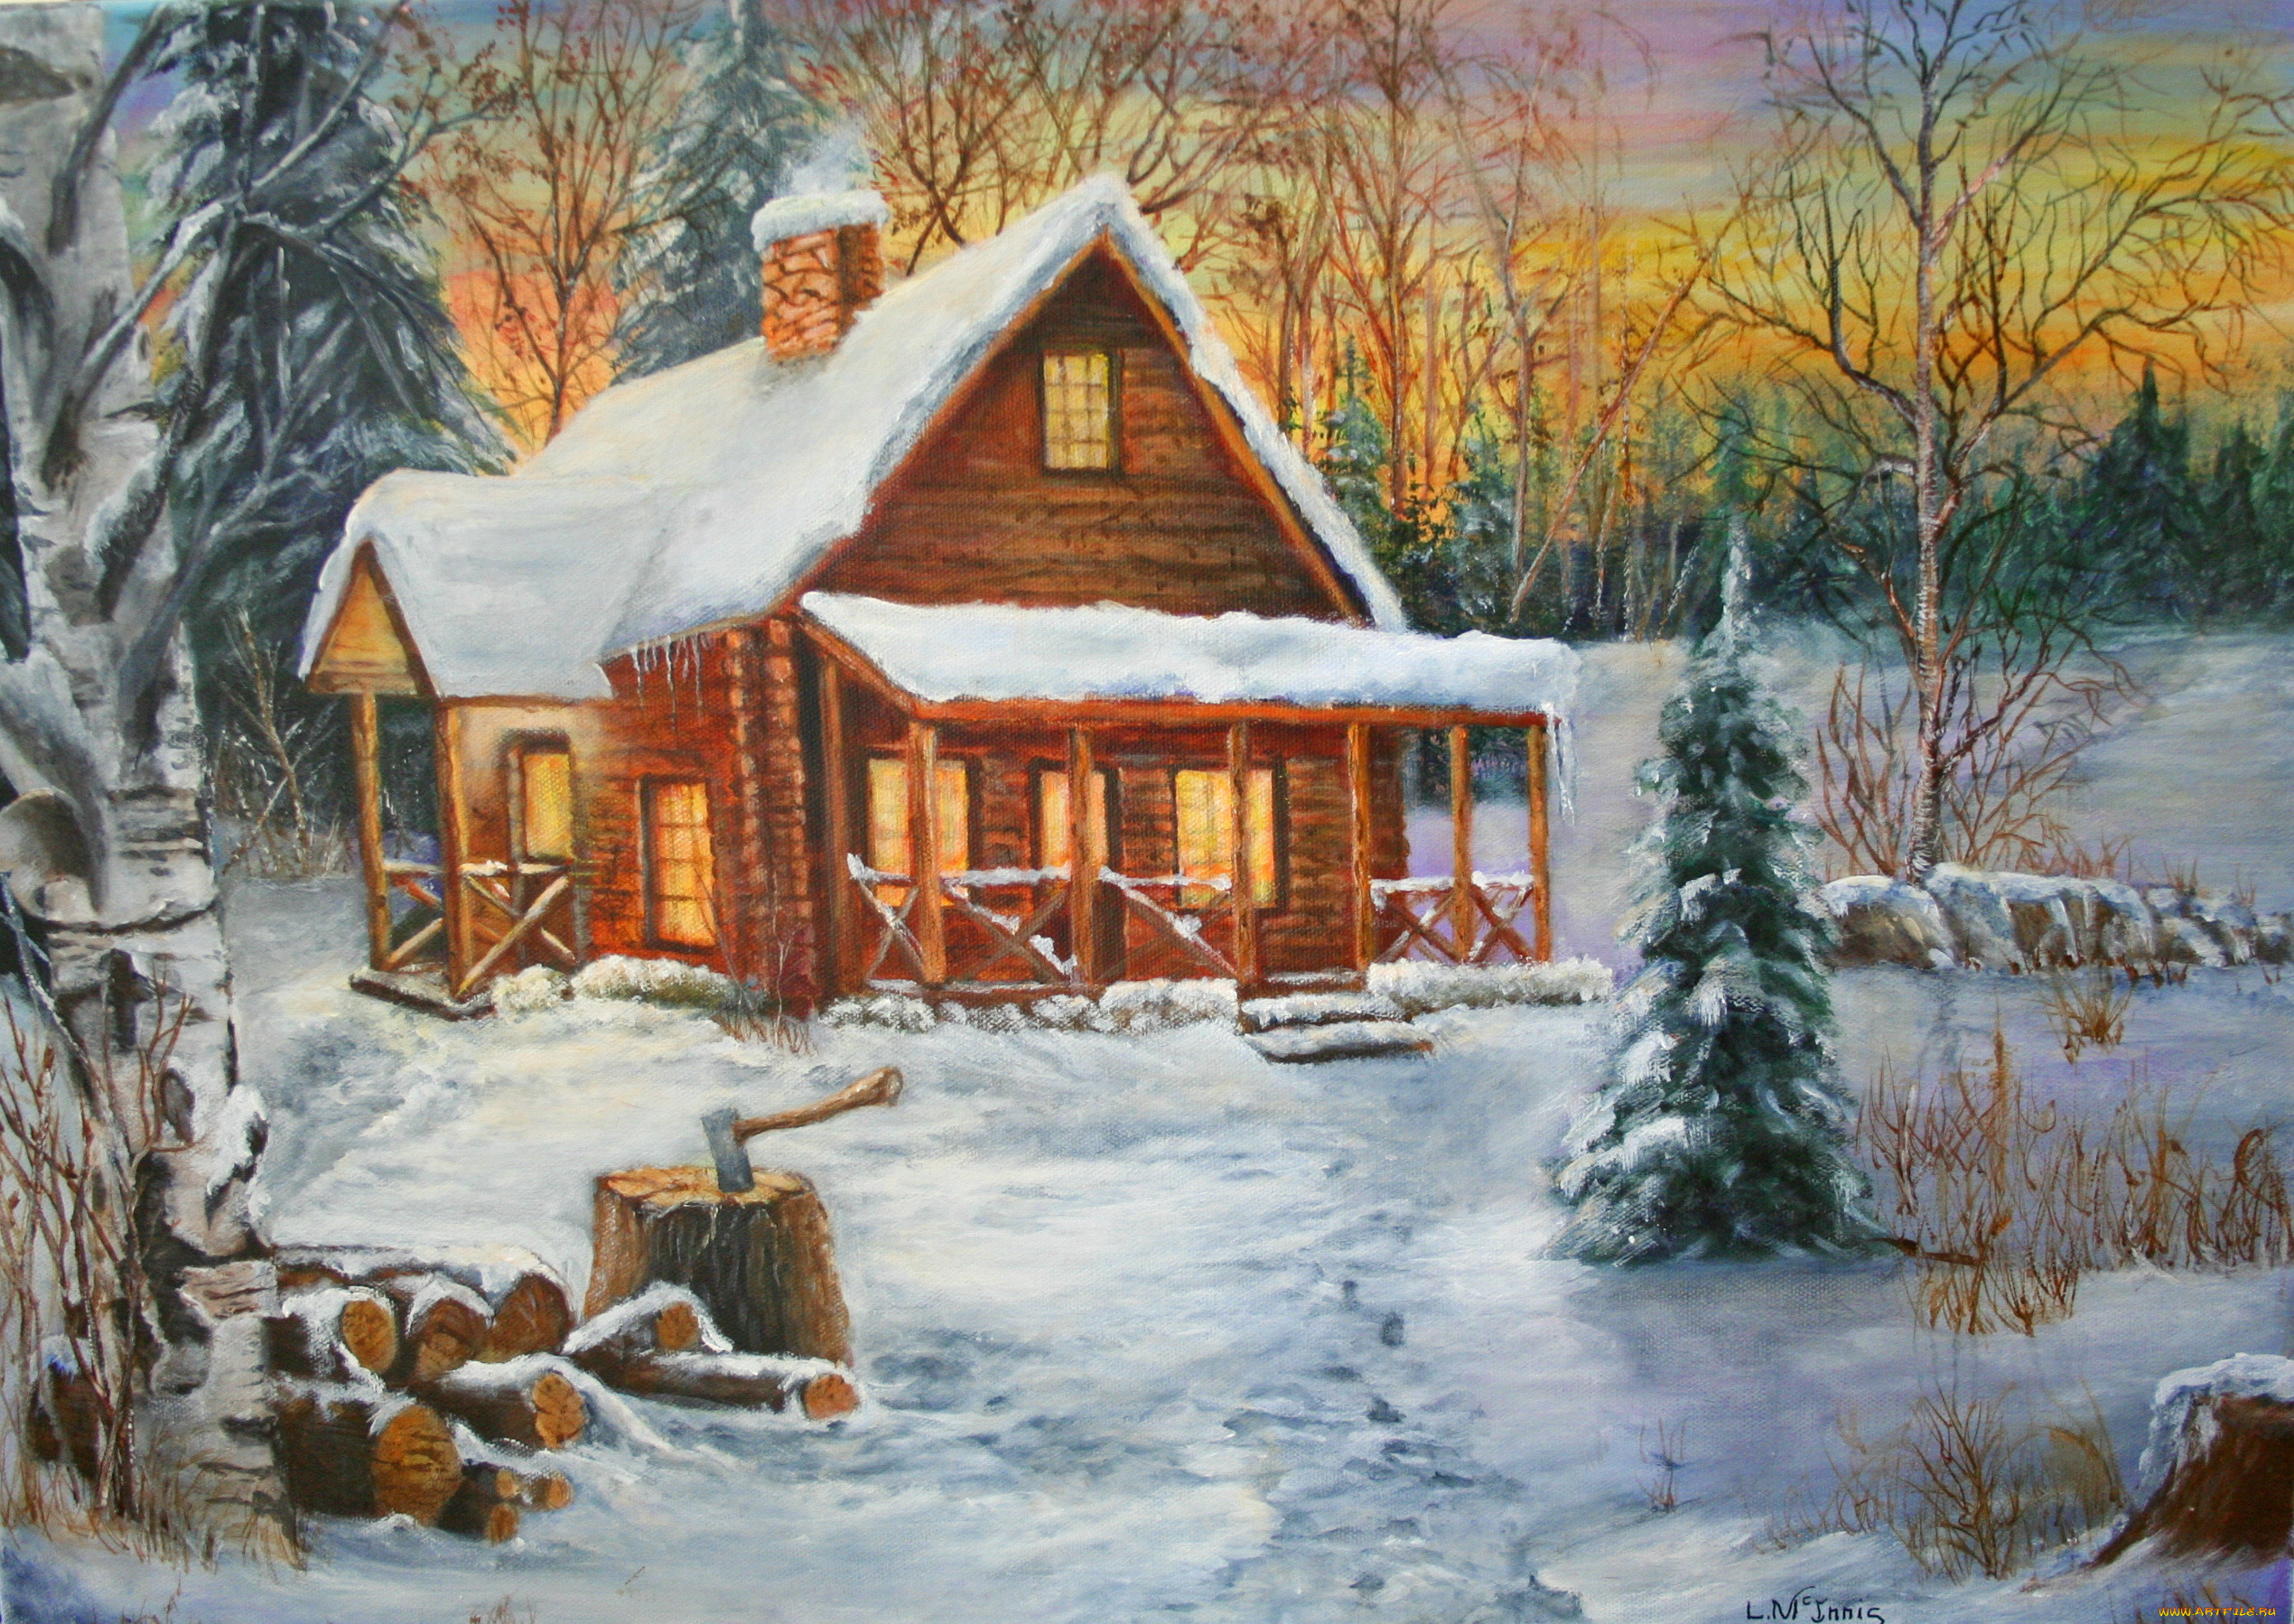 какие-то картинки зима домик в лесу нарисовать более, что